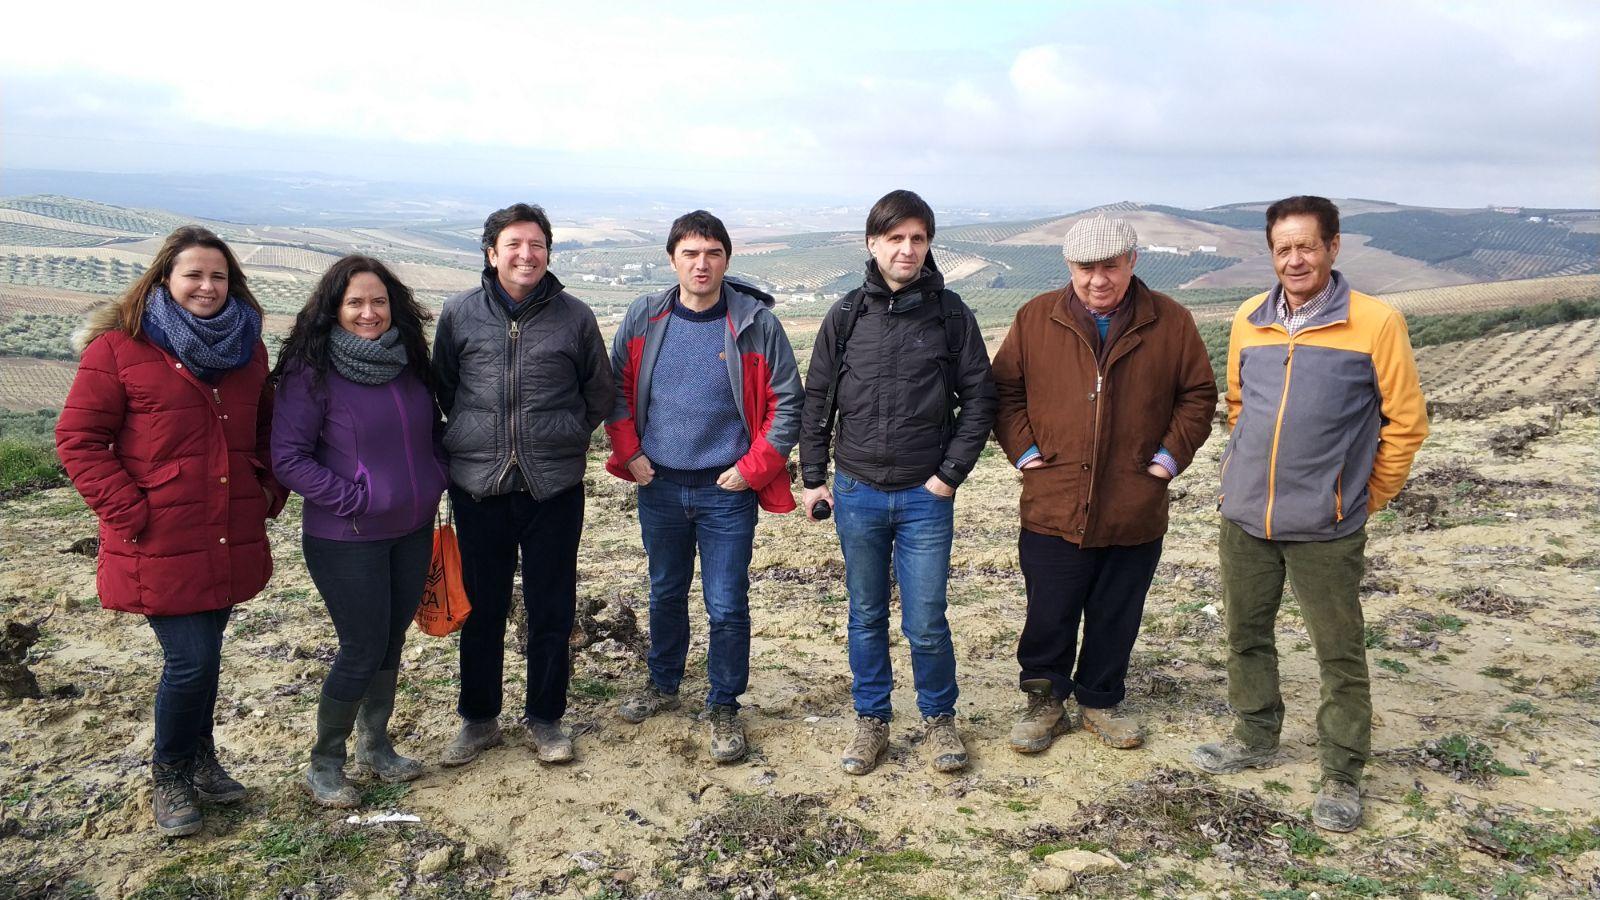 visita a las viñas DOP Montilla-Moriles